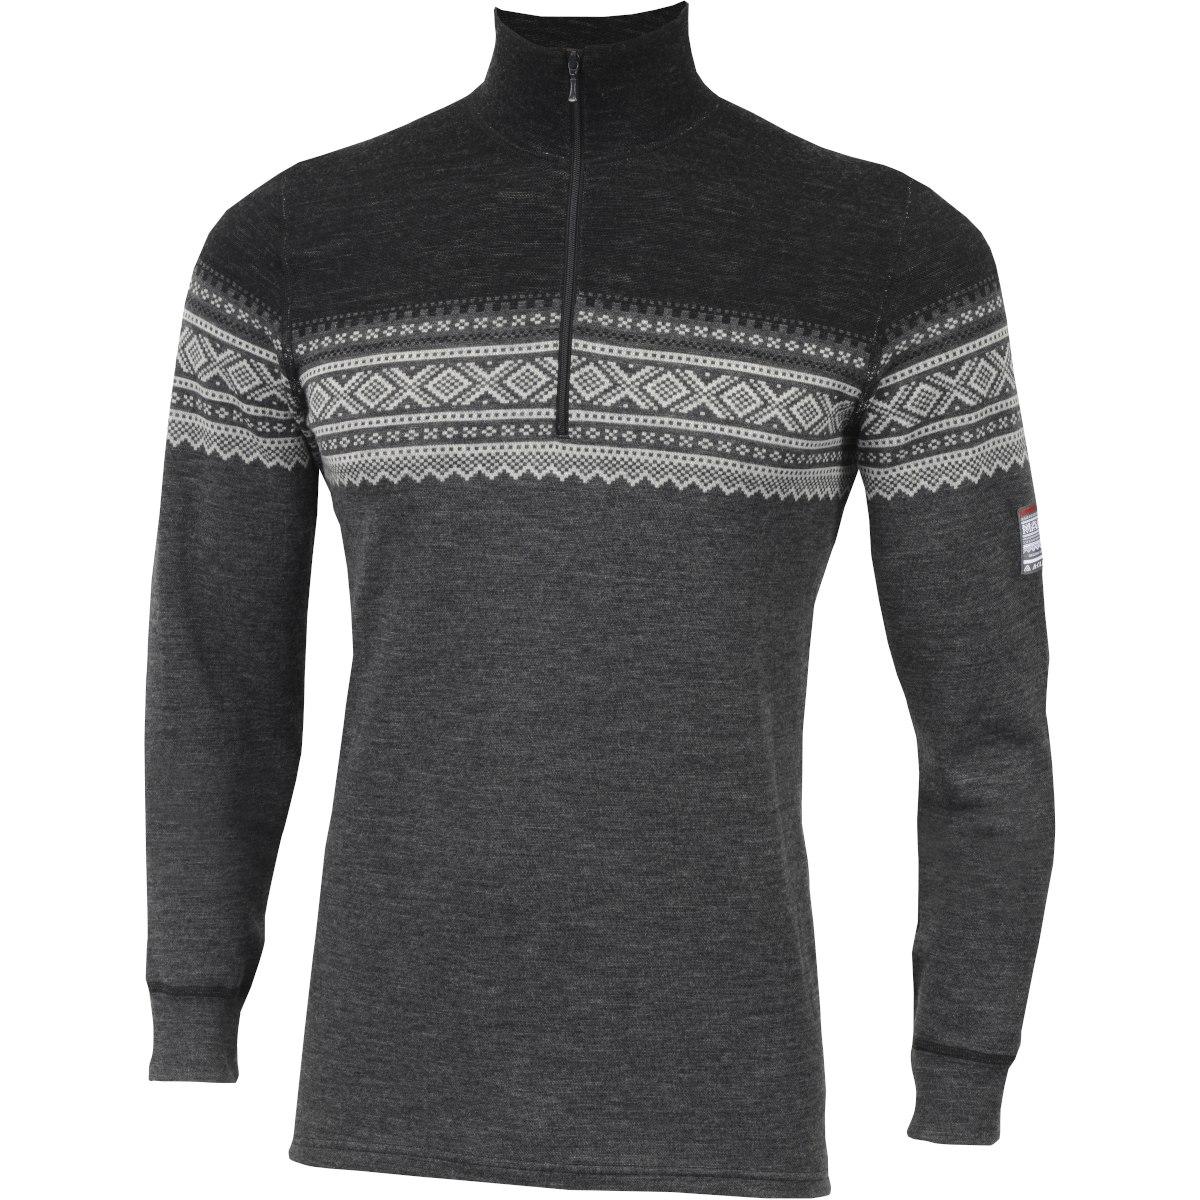 Aclima Designwool Marius Mock Neck Longsleeve Shirt with Zip - norefjell